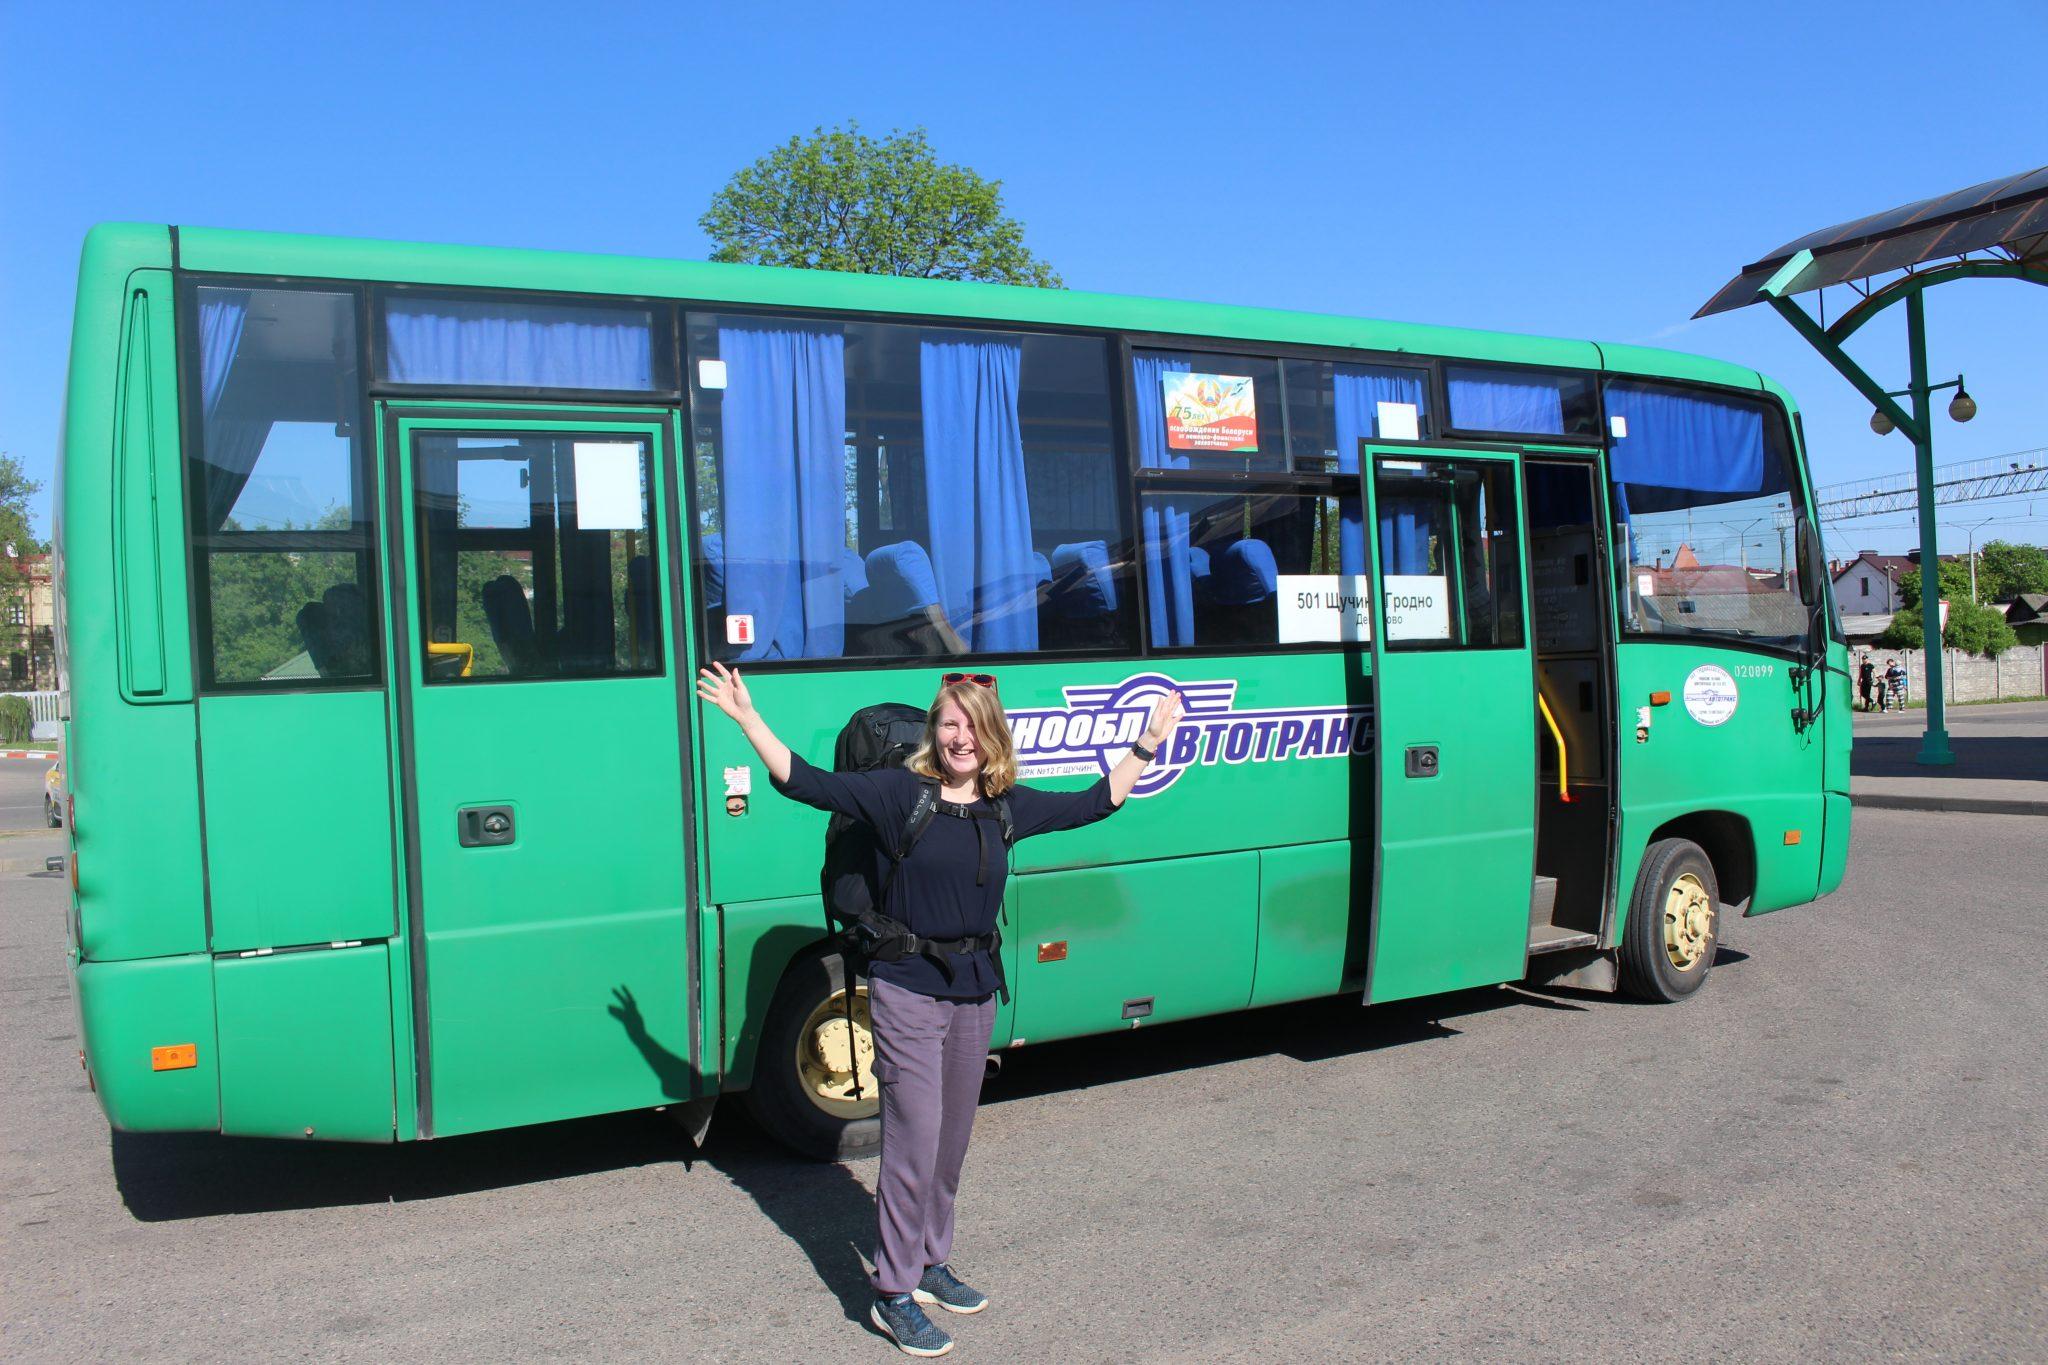 Esther reist per bus